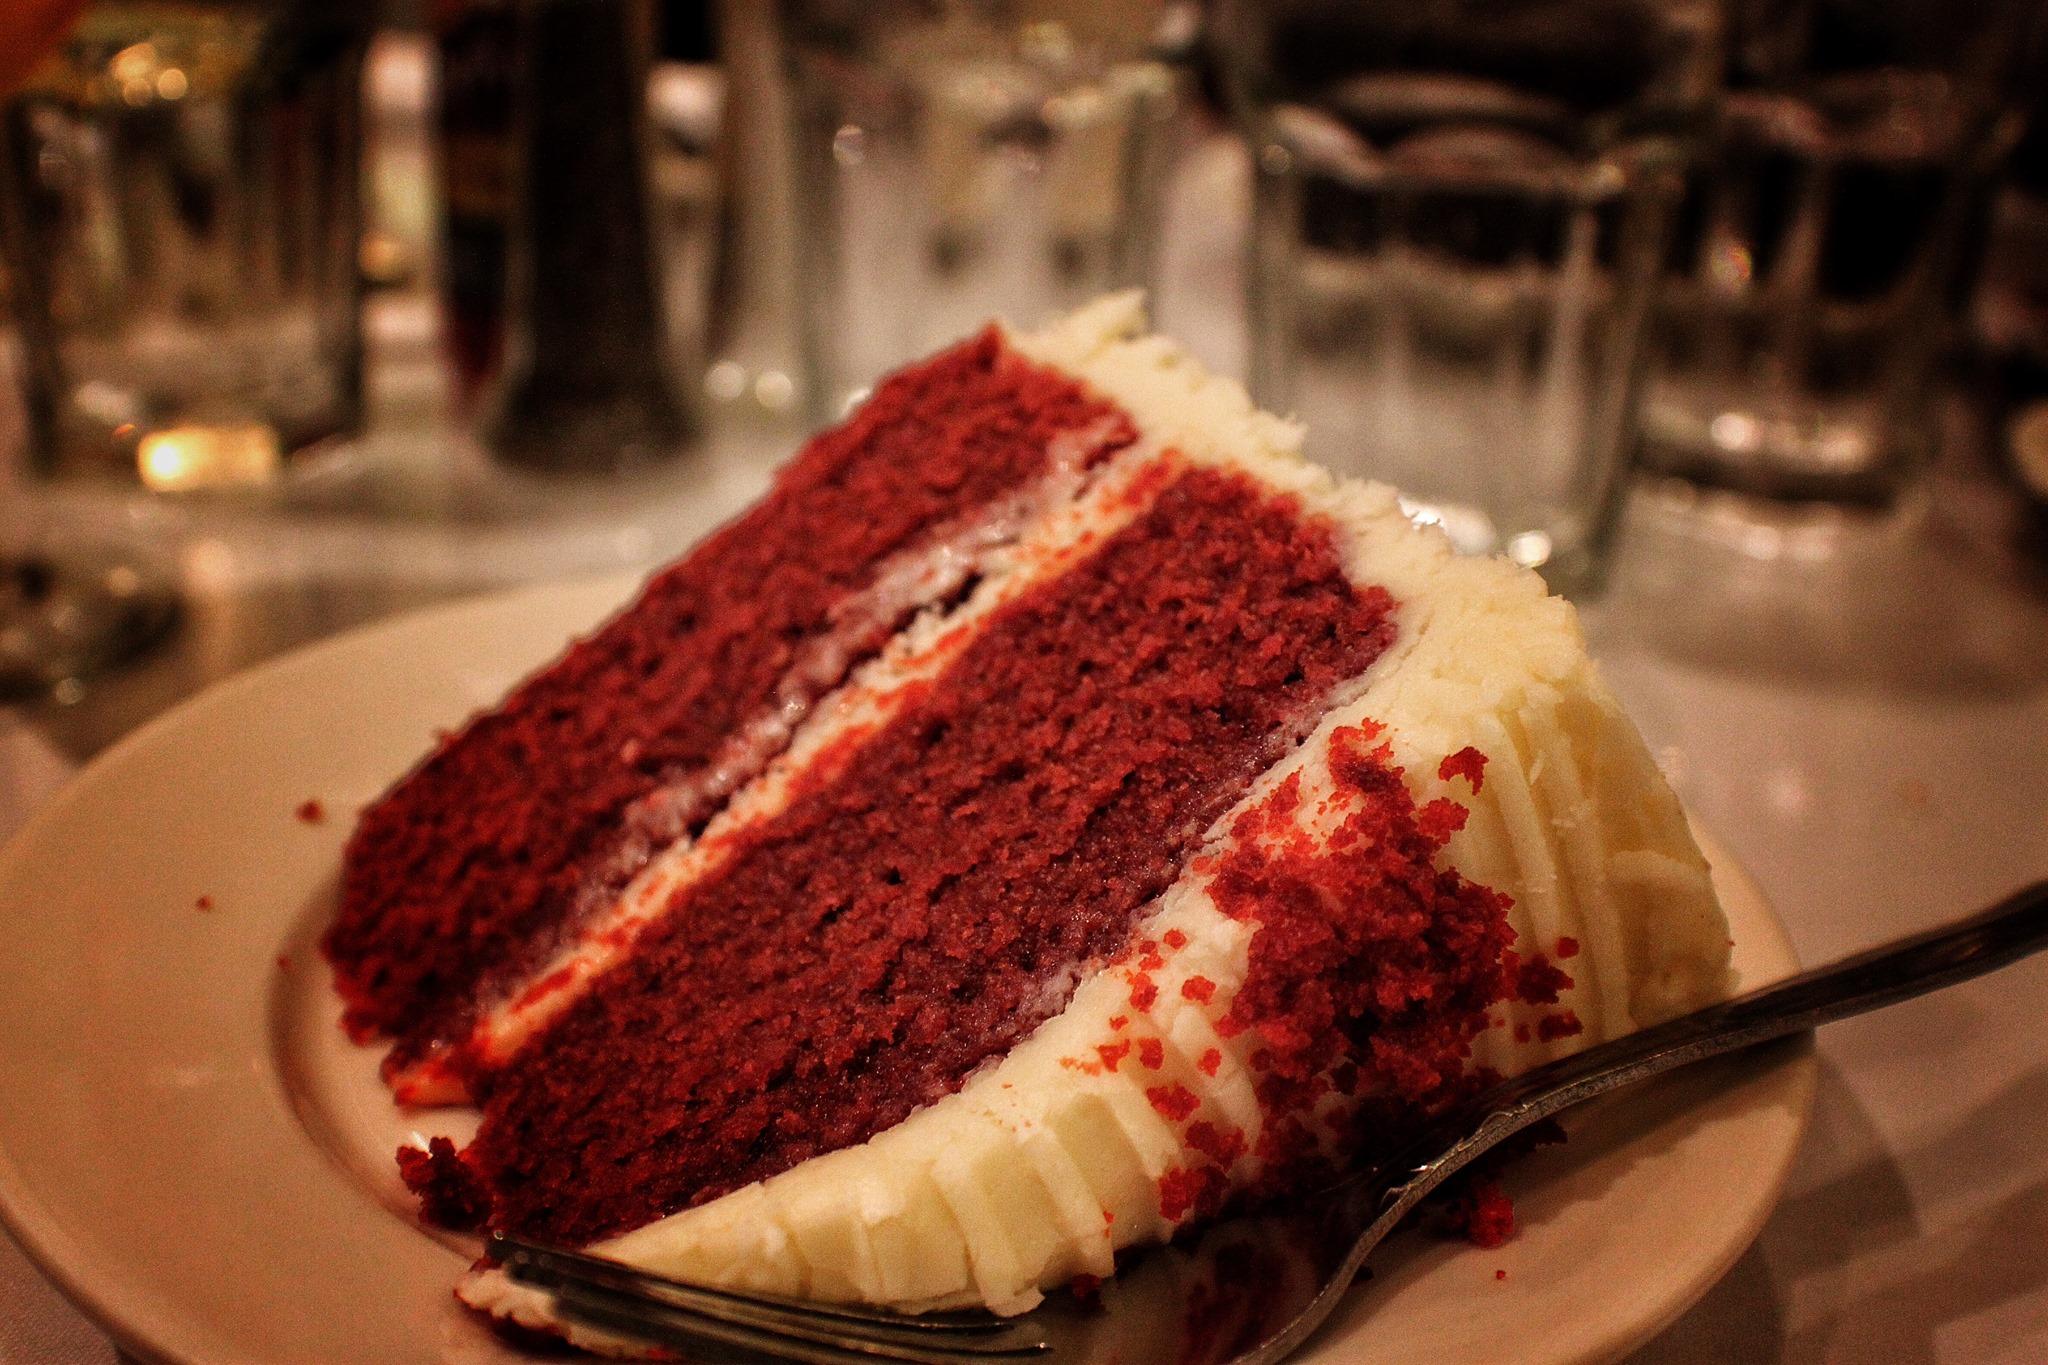 Du går neppe sulten fra Sylvia's hvis du bestiller Red Velvet Cake til dessert. Foto: L. Kongerud